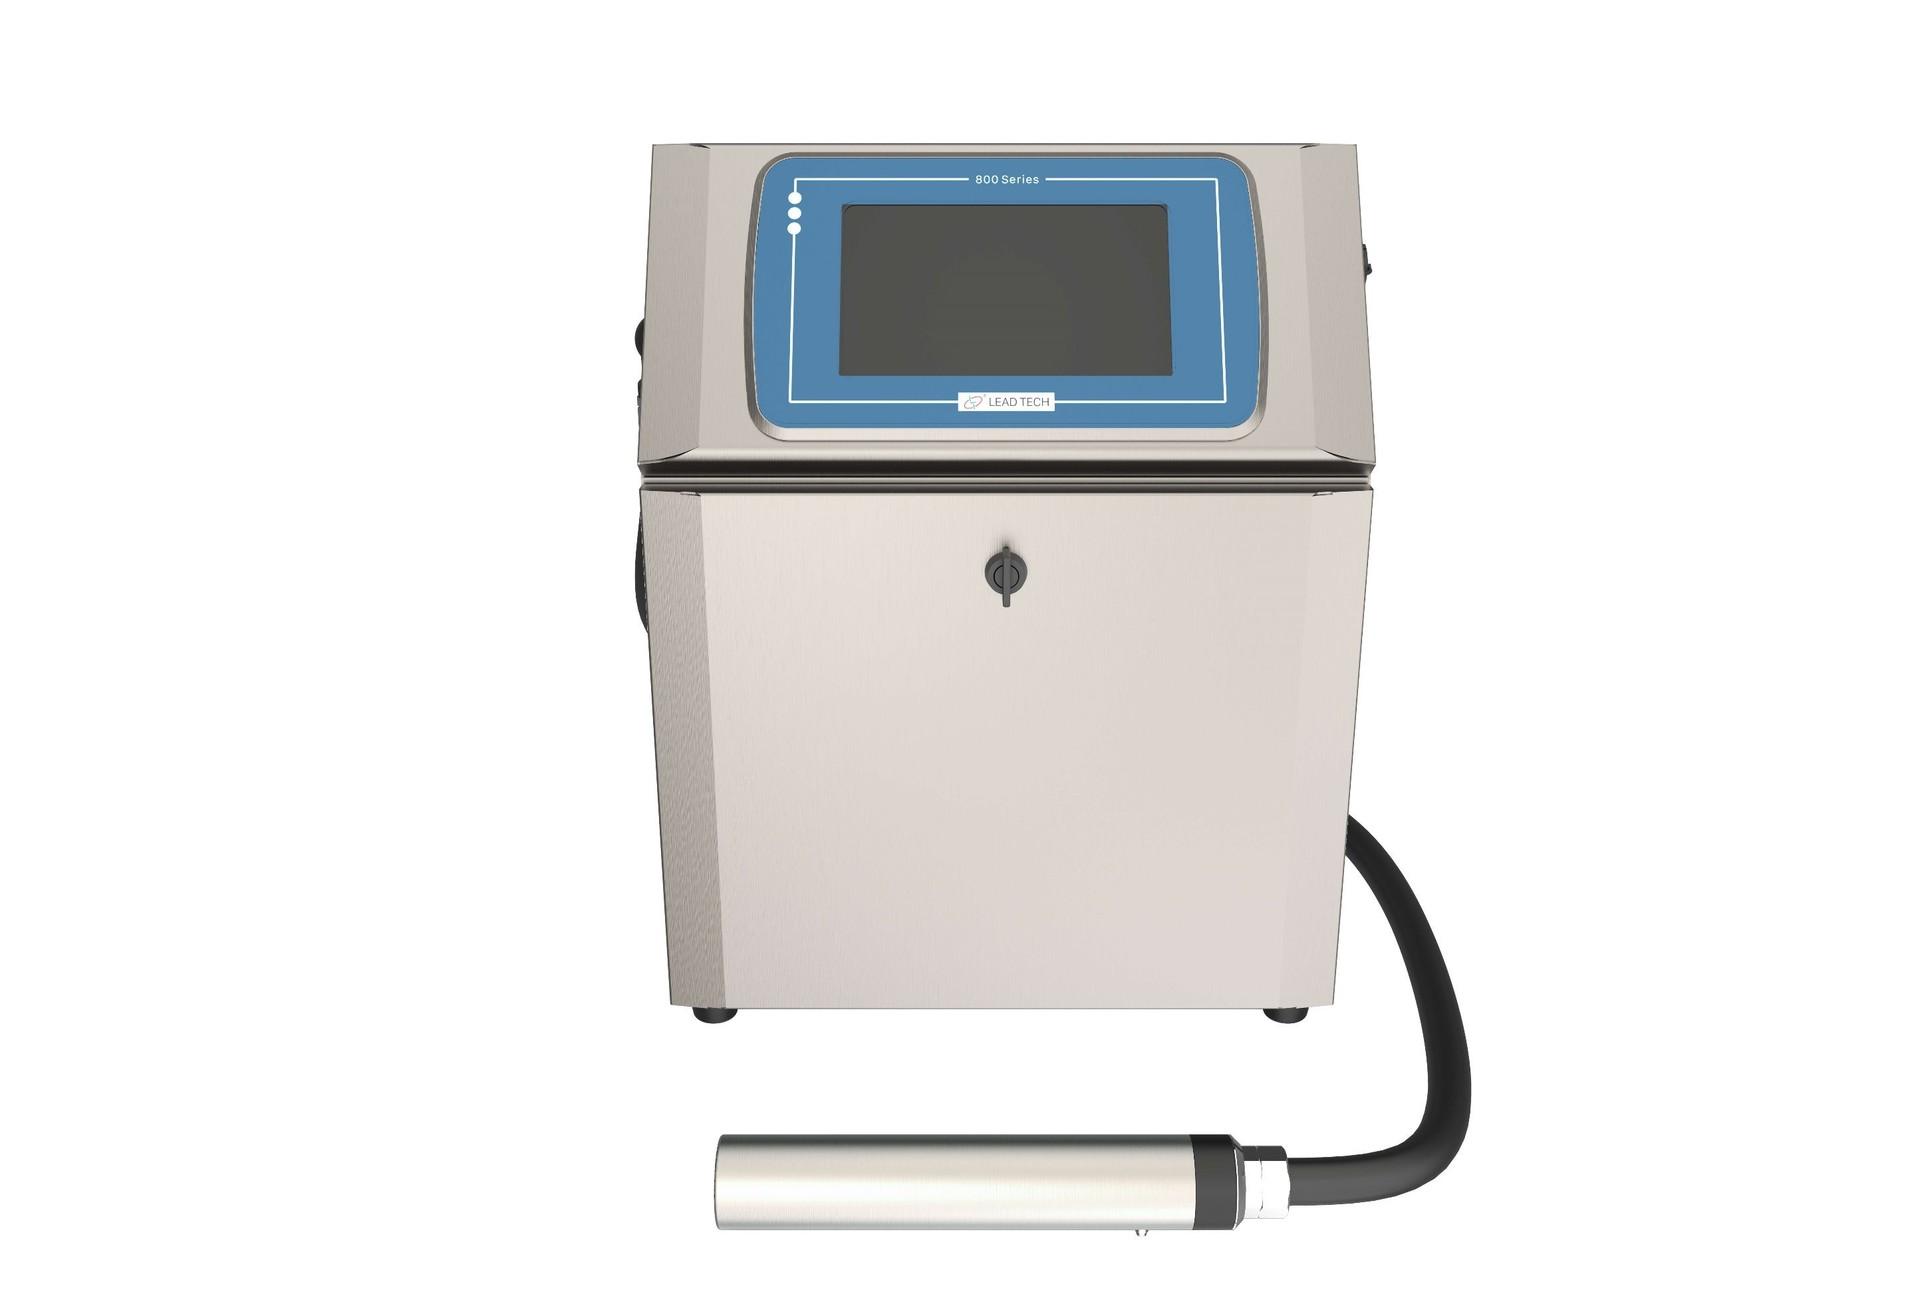 Lead Tech Lt800 Code Date Cij Inkjet Printer